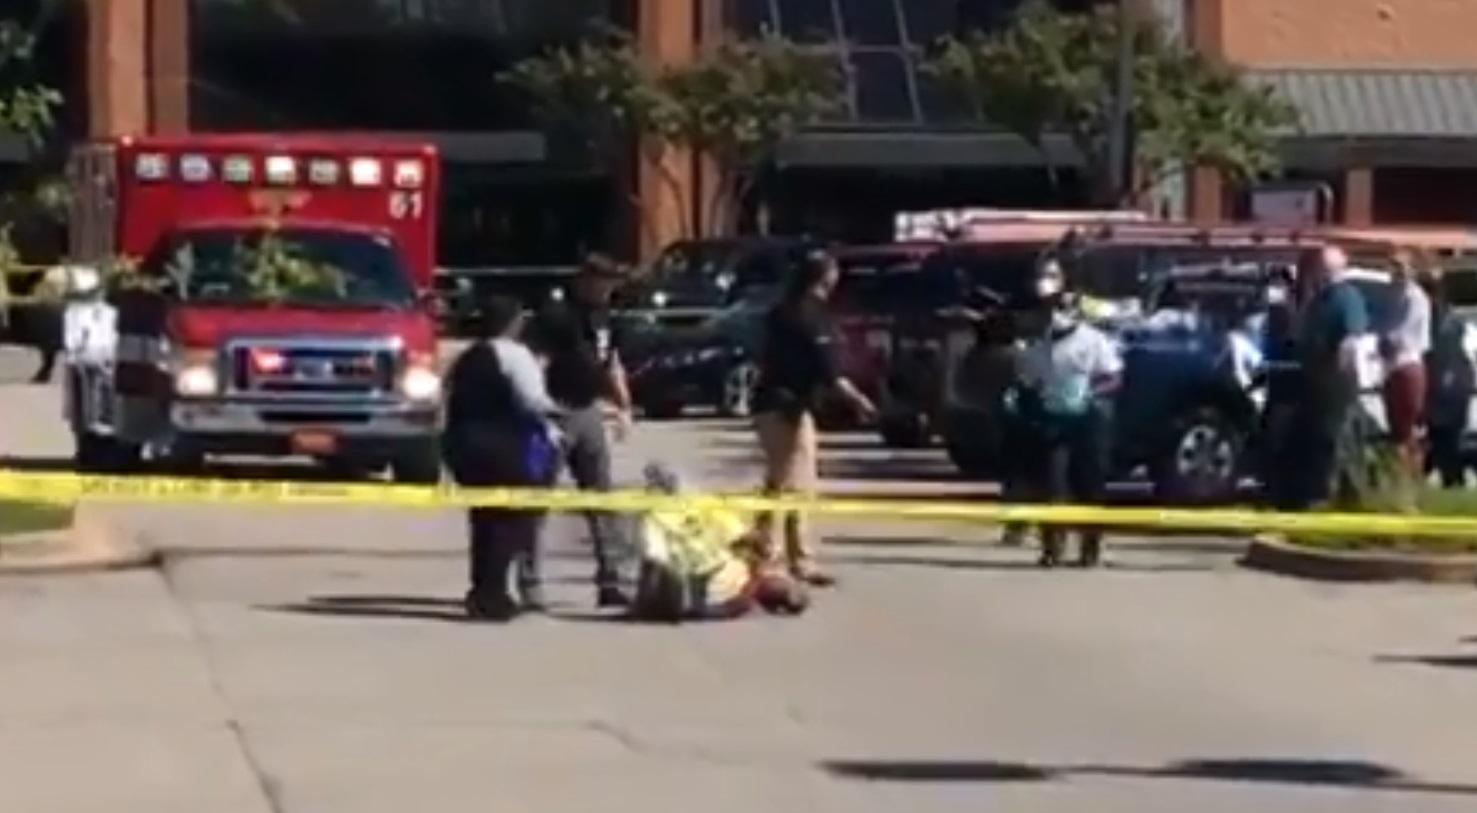 ΗΠΑ: Πυροβολισμοί σε σούπερ μάρκετ στο Τενεσί